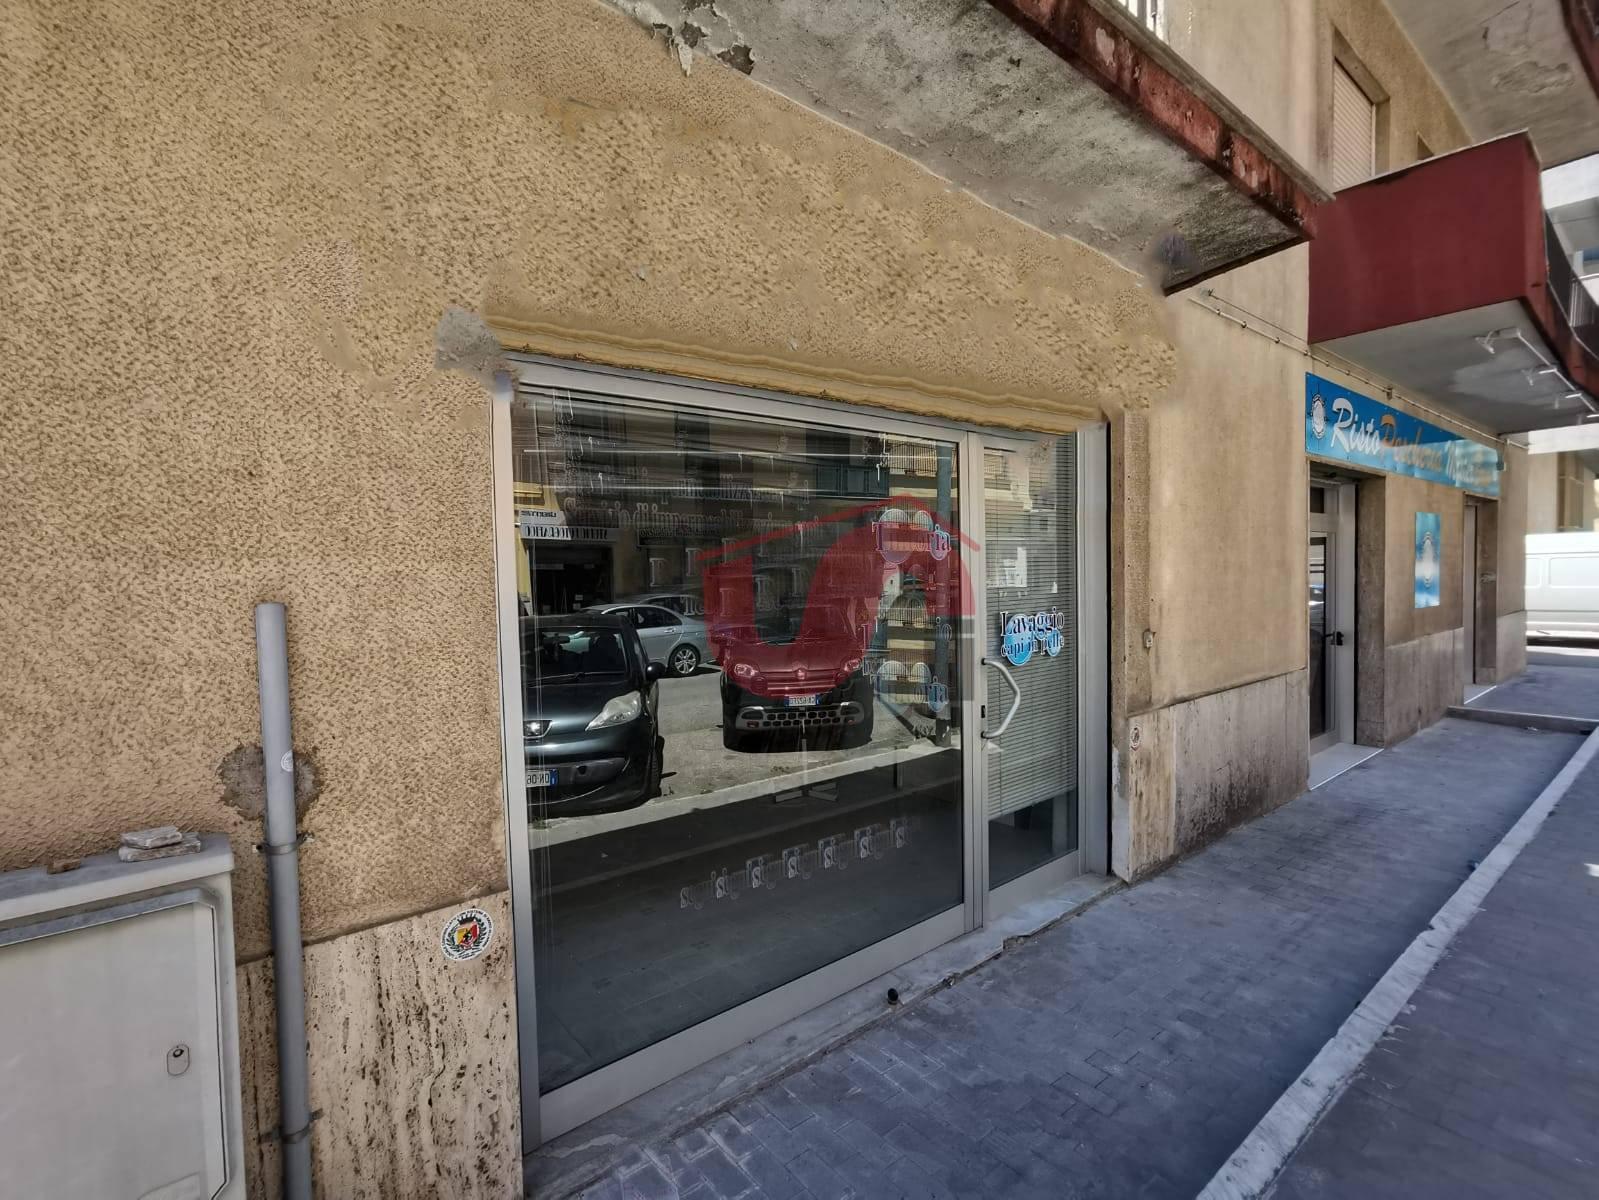 Negozio / Locale in affitto a Benevento, 9999 locali, zona Zona: Mellusi/Atlantici, prezzo € 650 | CambioCasa.it